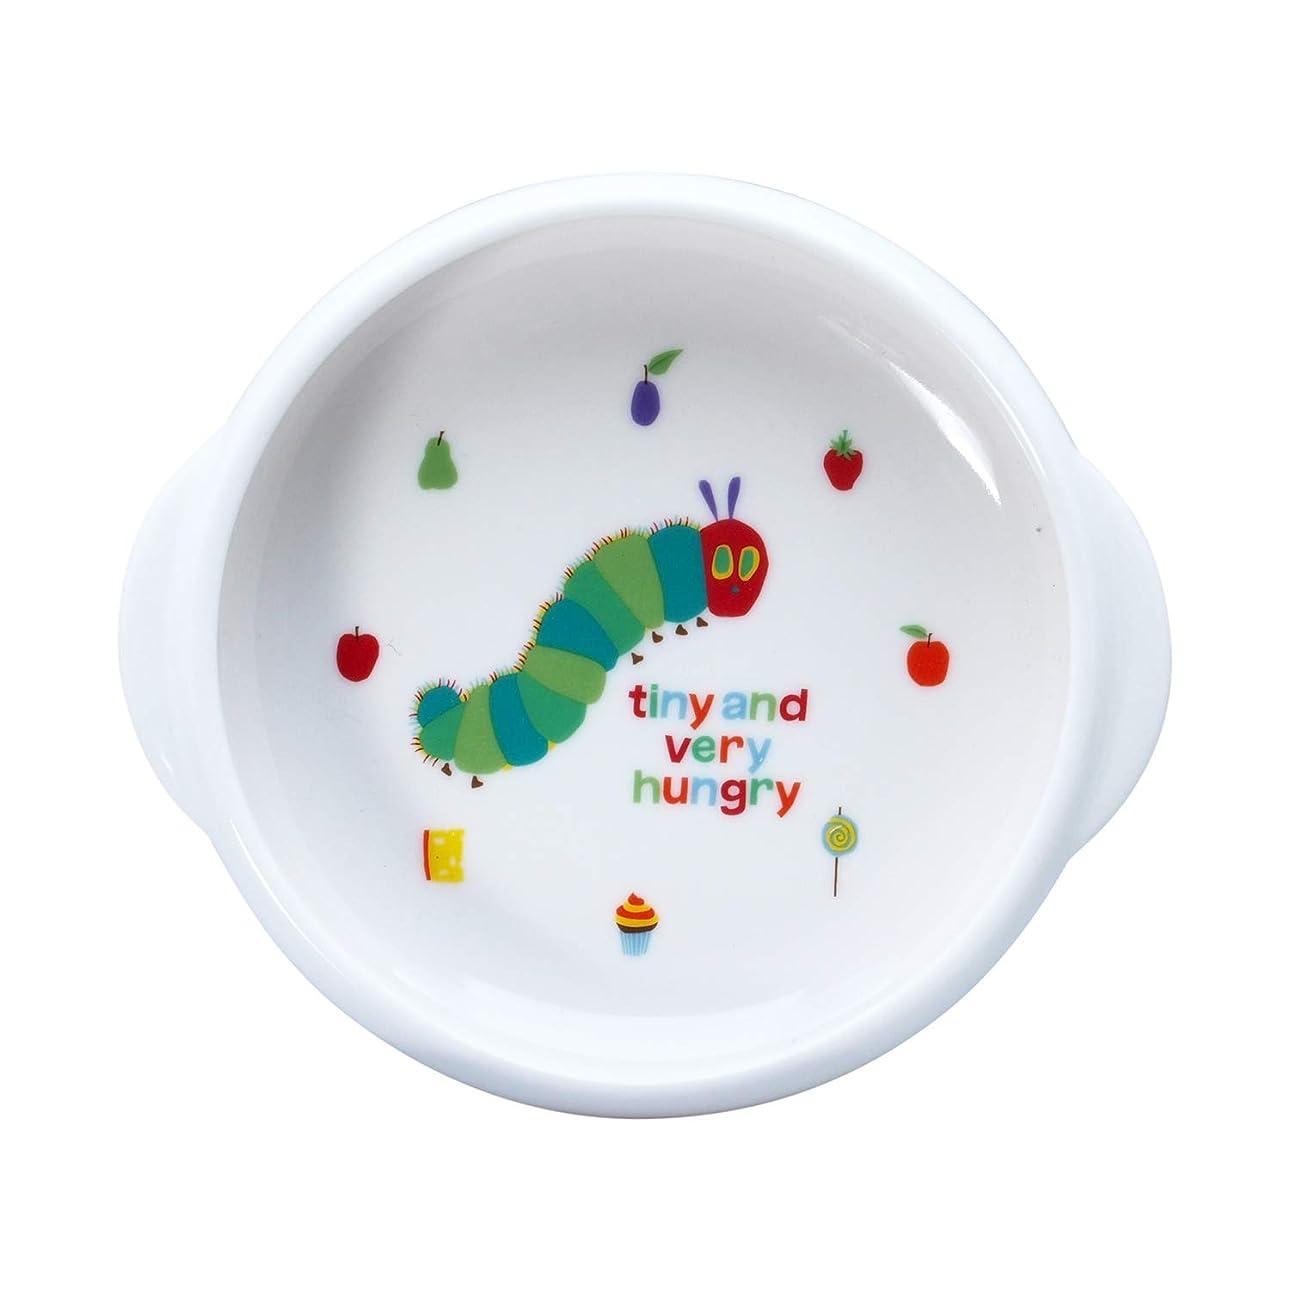 辛い抹消謎金正陶器 子ども用ボウル ホワイト 14.5cm 「 はらぺこあおむし 」 ユニバーサルデザイン ボウル M 810132